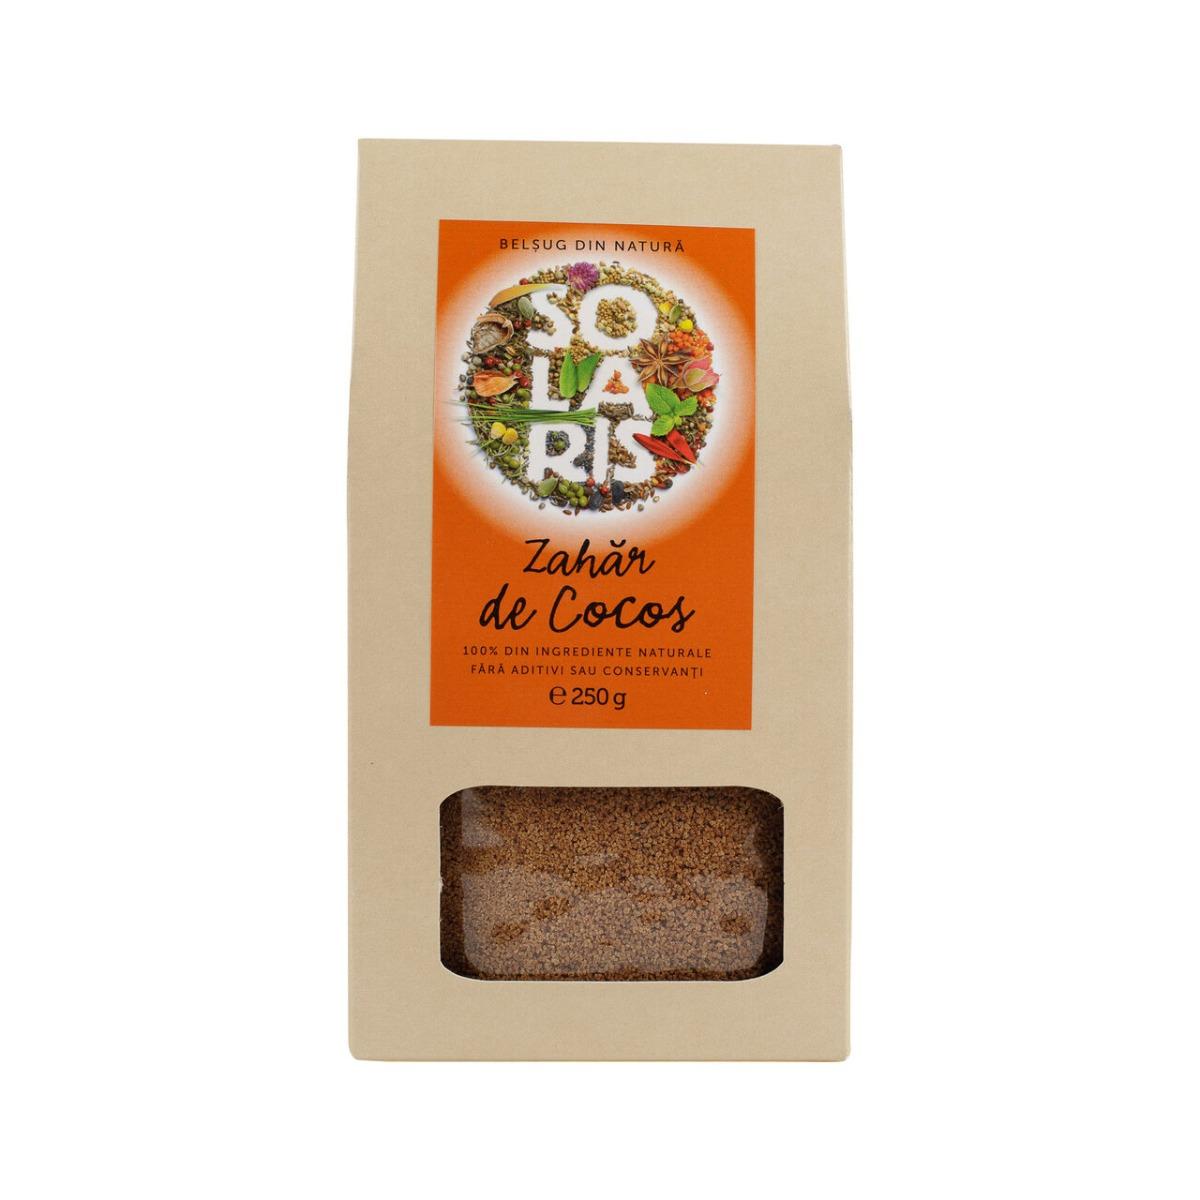 Zahar de cocos, 250g, Solaris drmax.ro